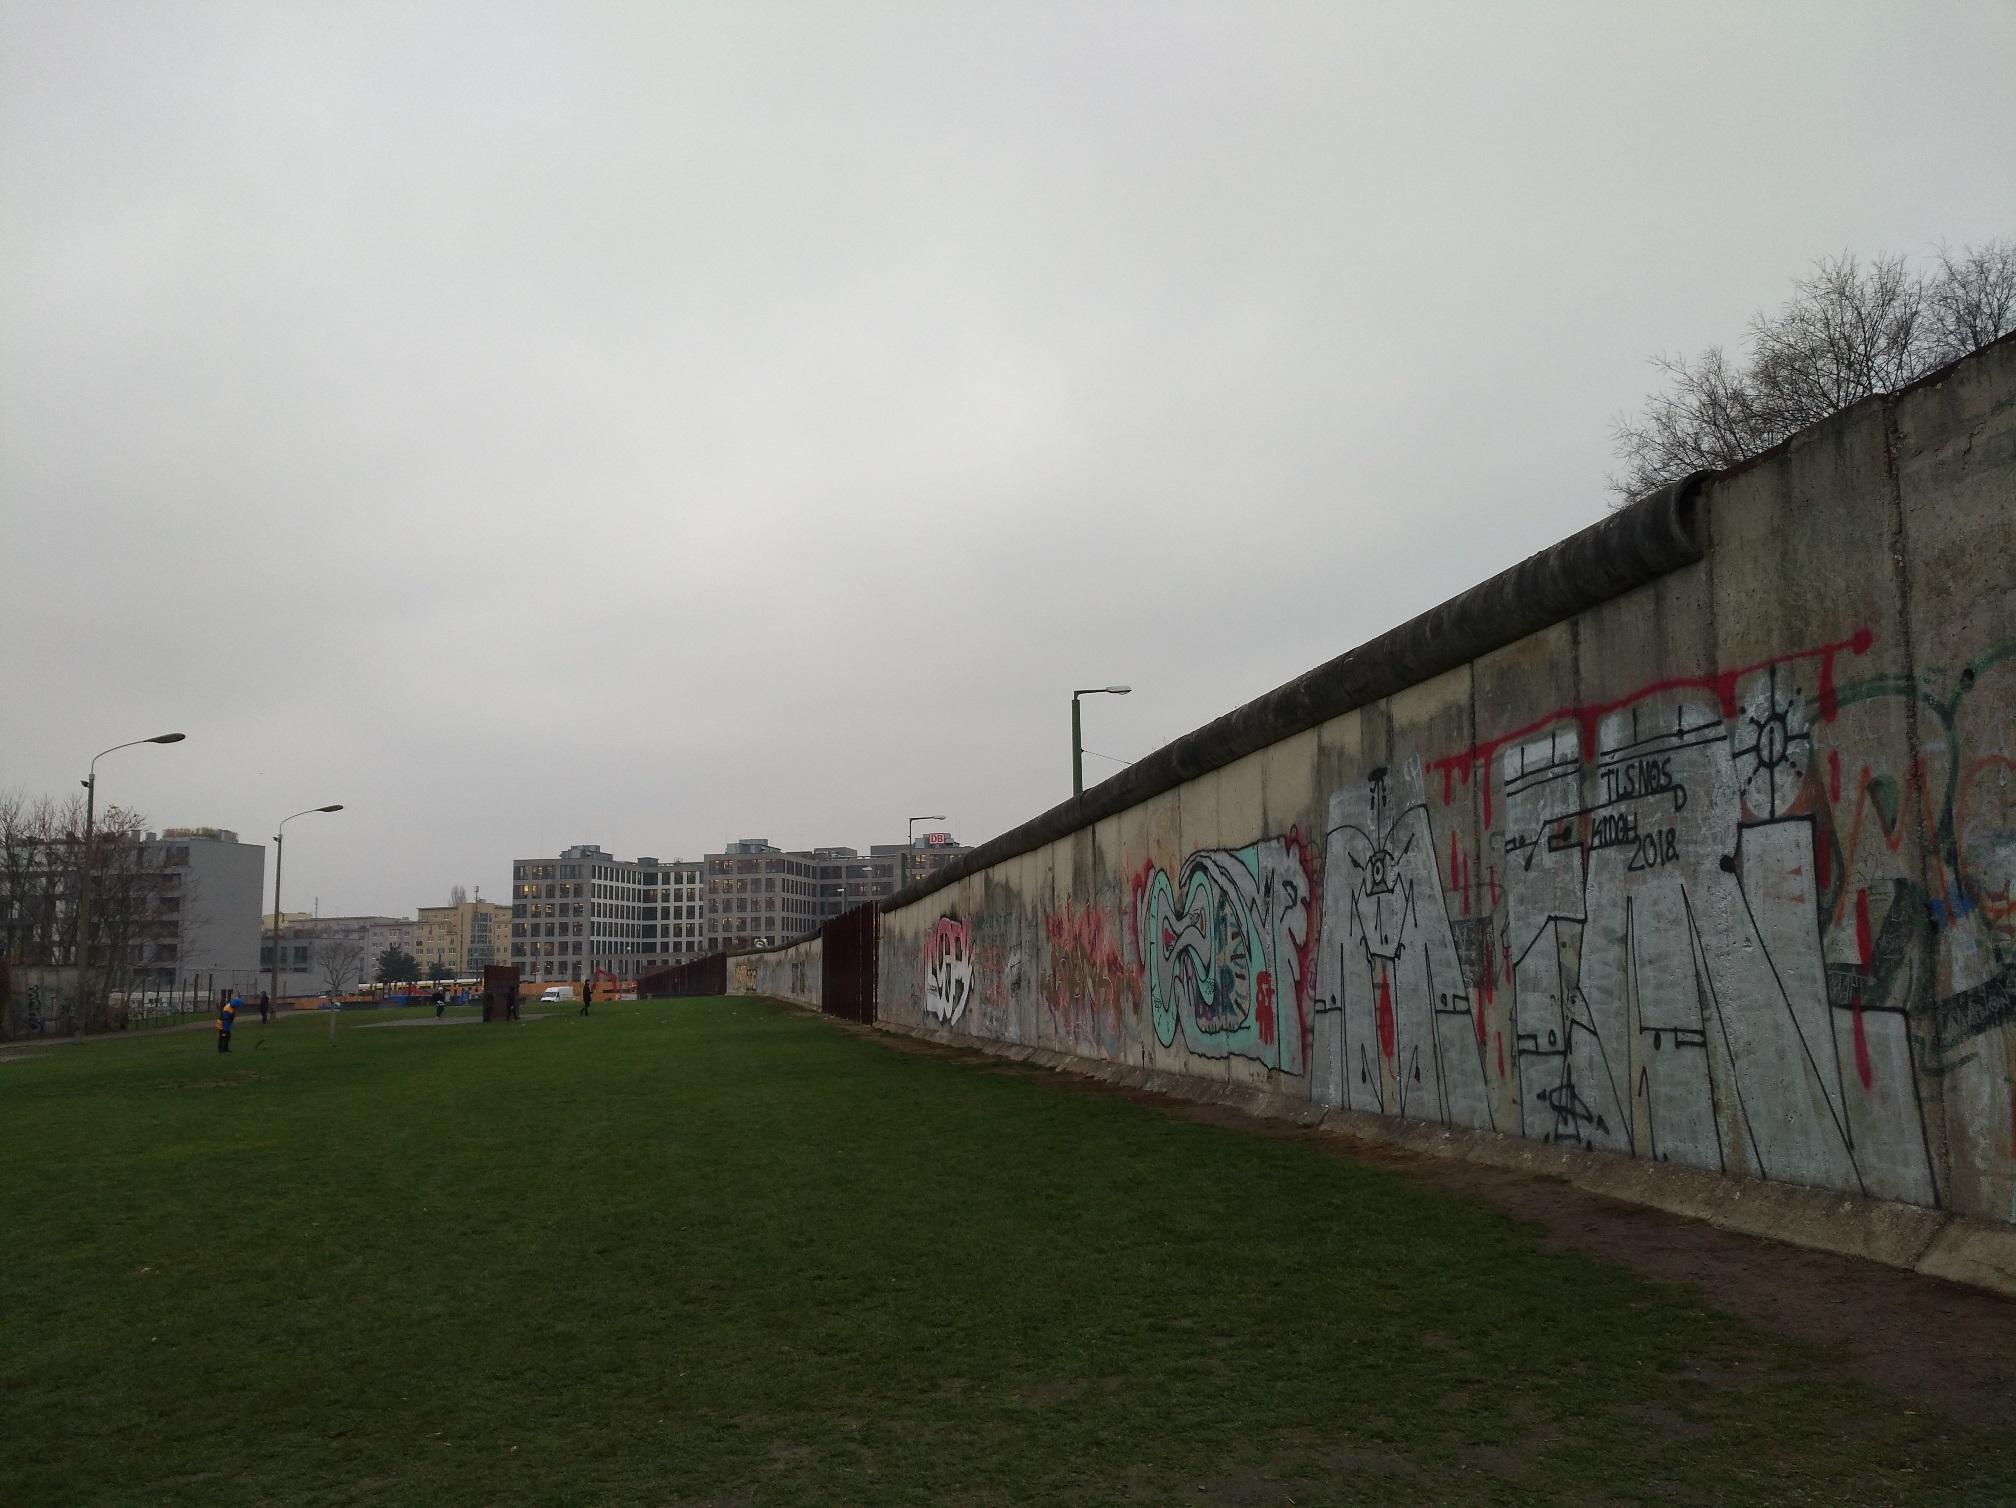 Resti del muro a Berlino. Foto di Paola Gemelli - caduta del muro di Berlino